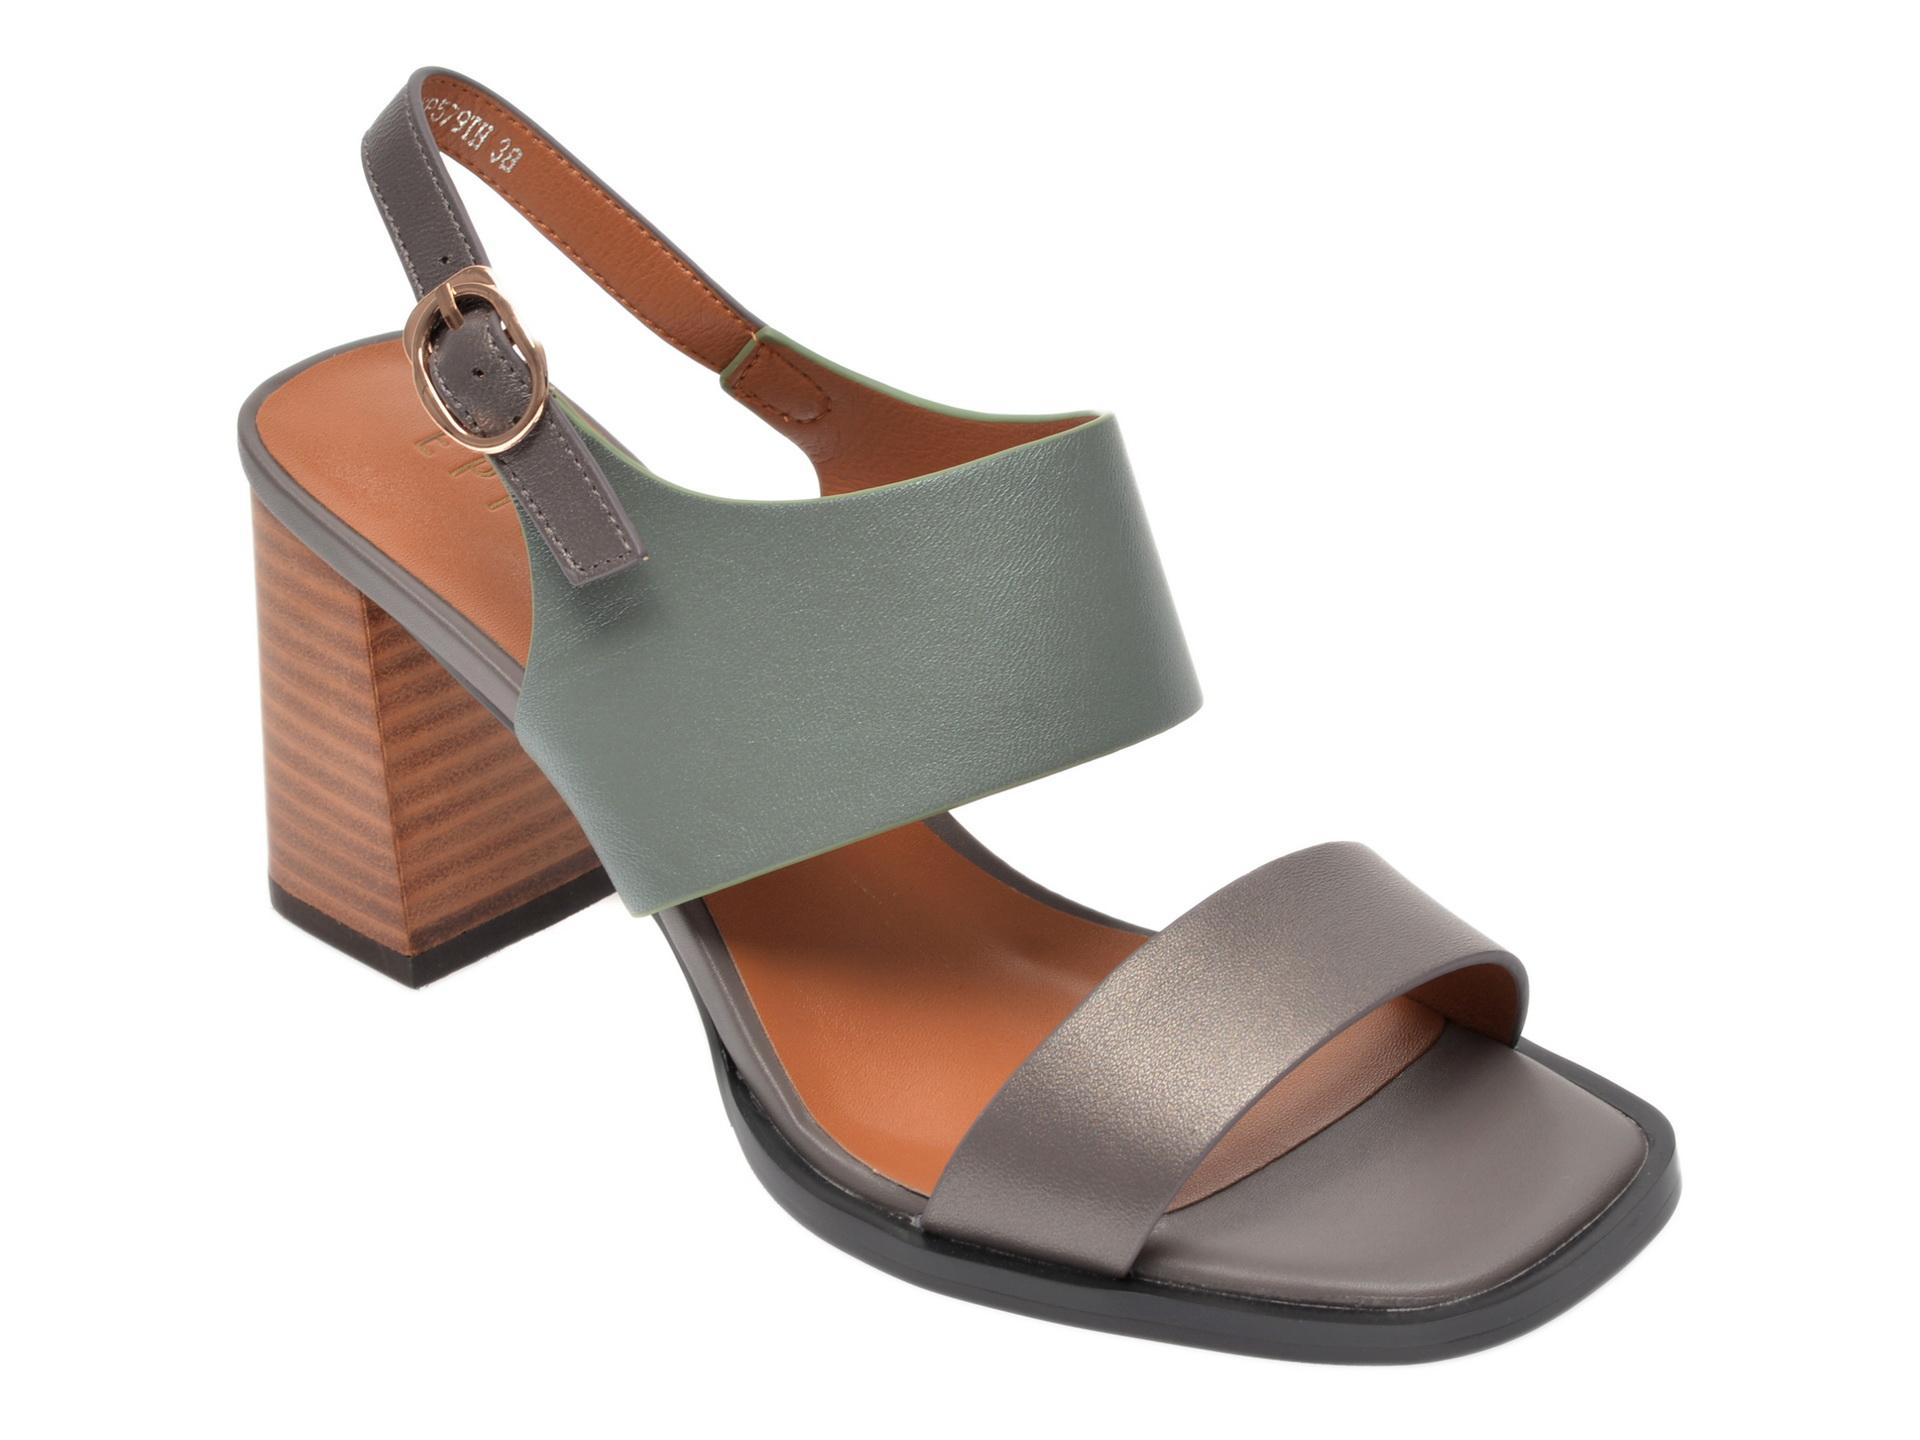 Sandale EPICA gri, 8D1148Y, din piele naturala